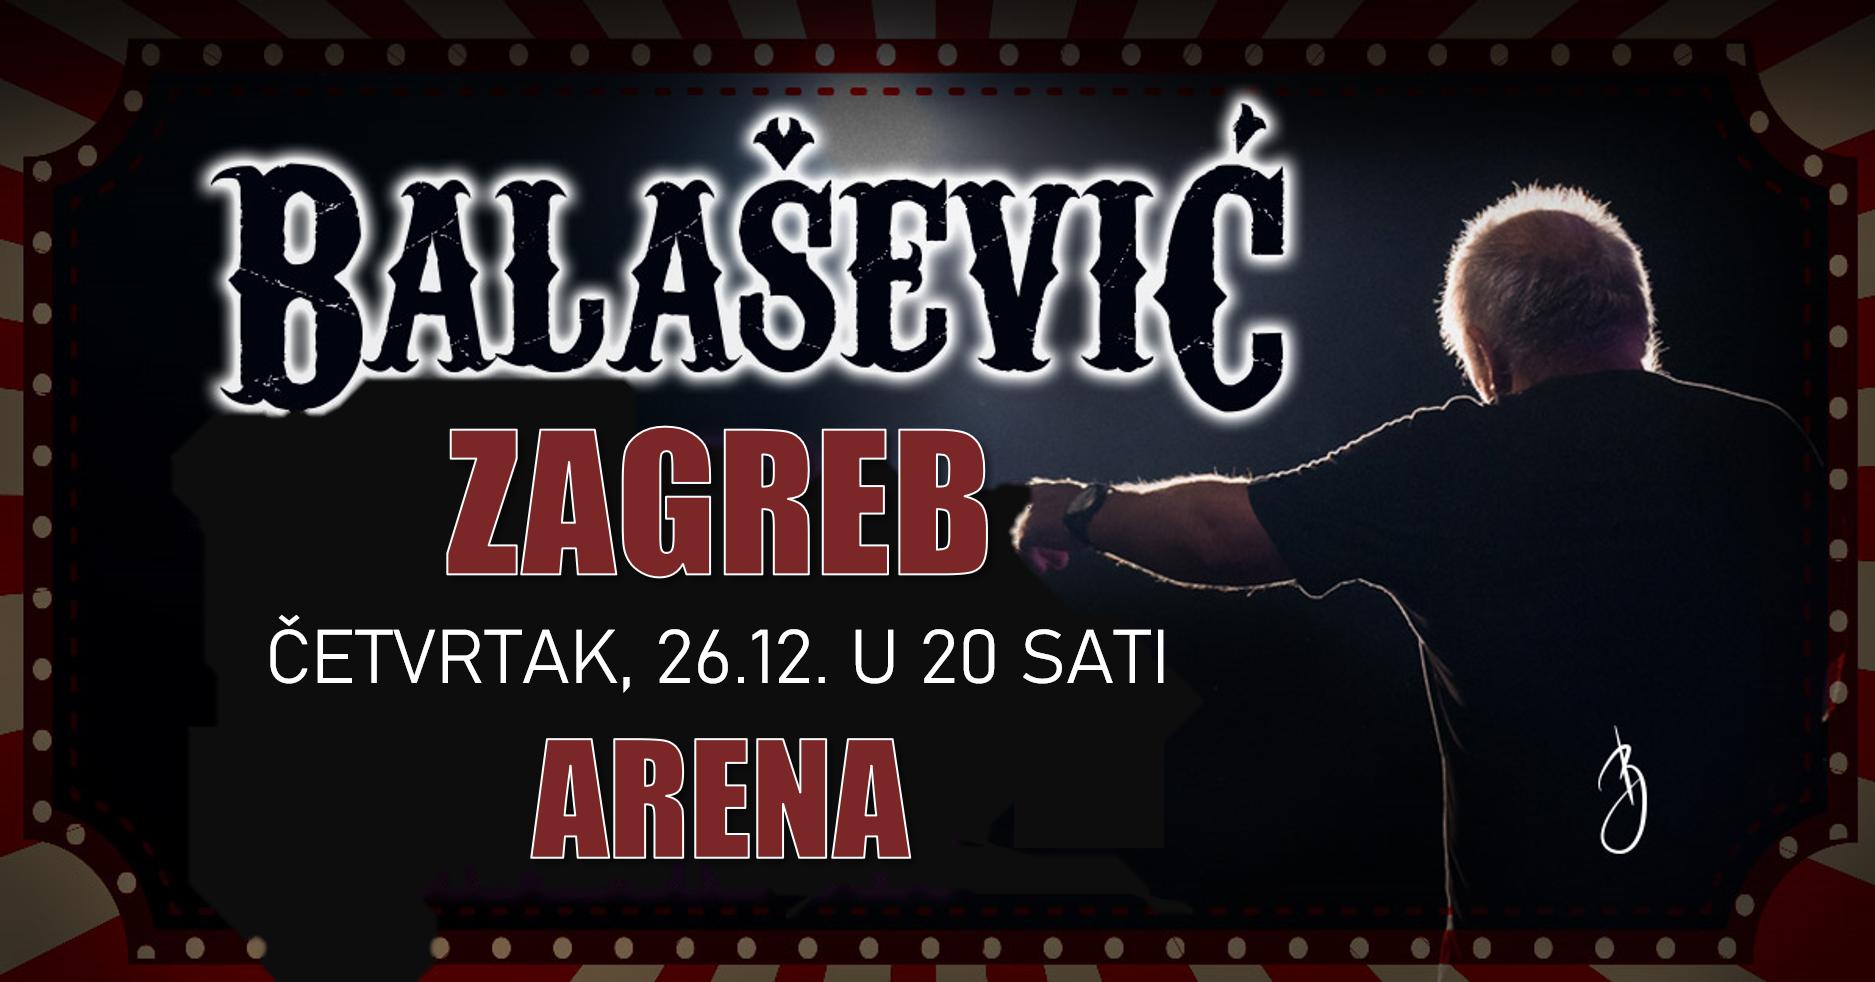 Još malo do koncerta Đorđe Balaševića u Areni Zagreb